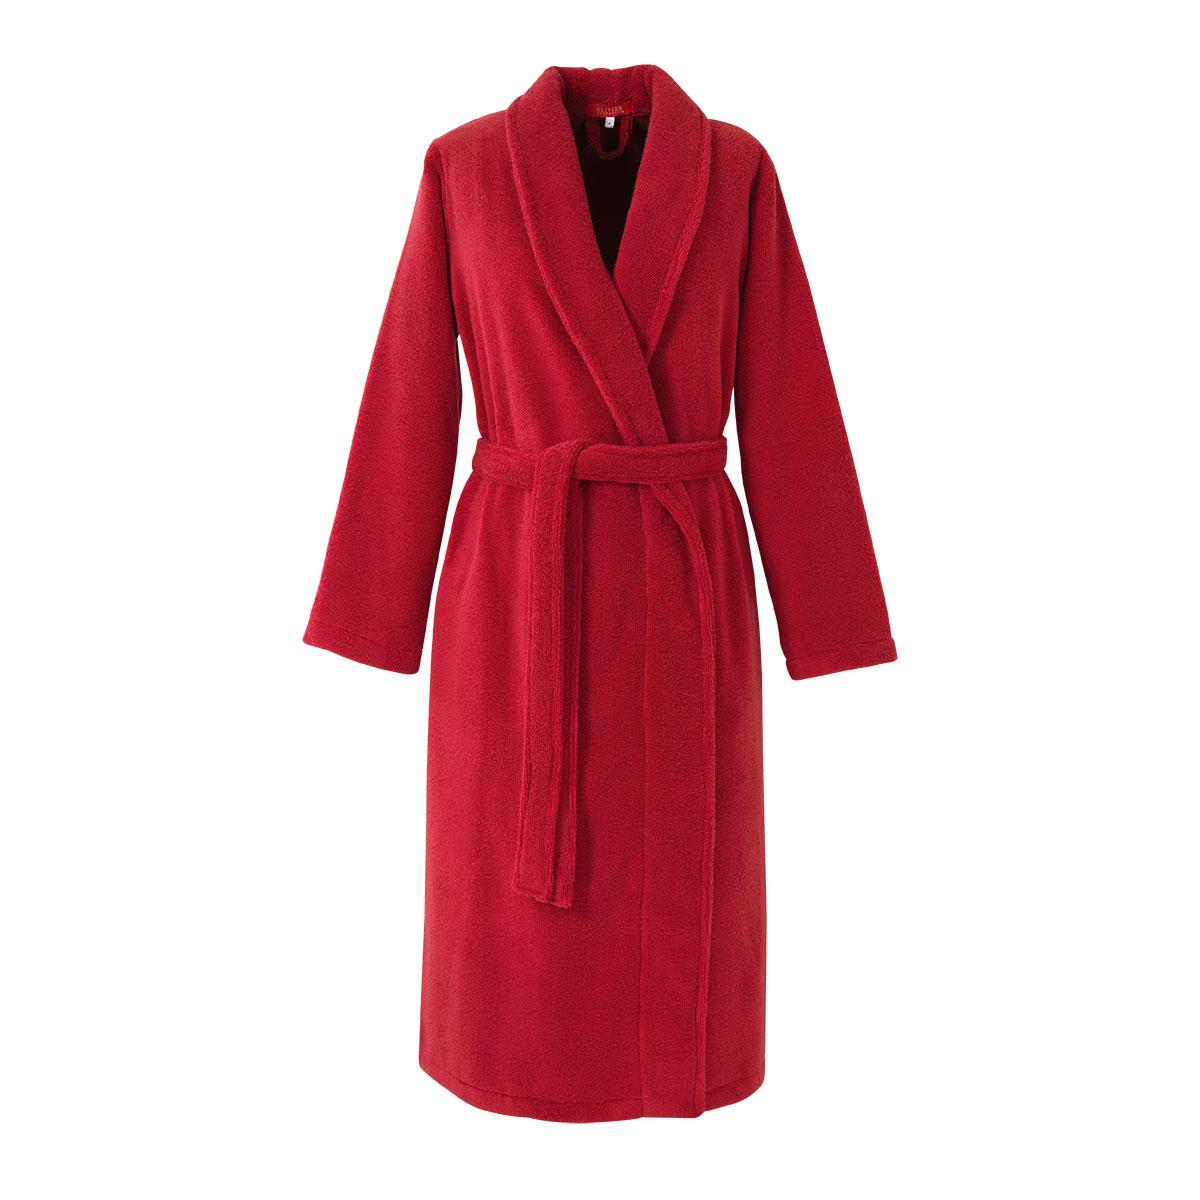 Peignoir coton peigné Rouge XL